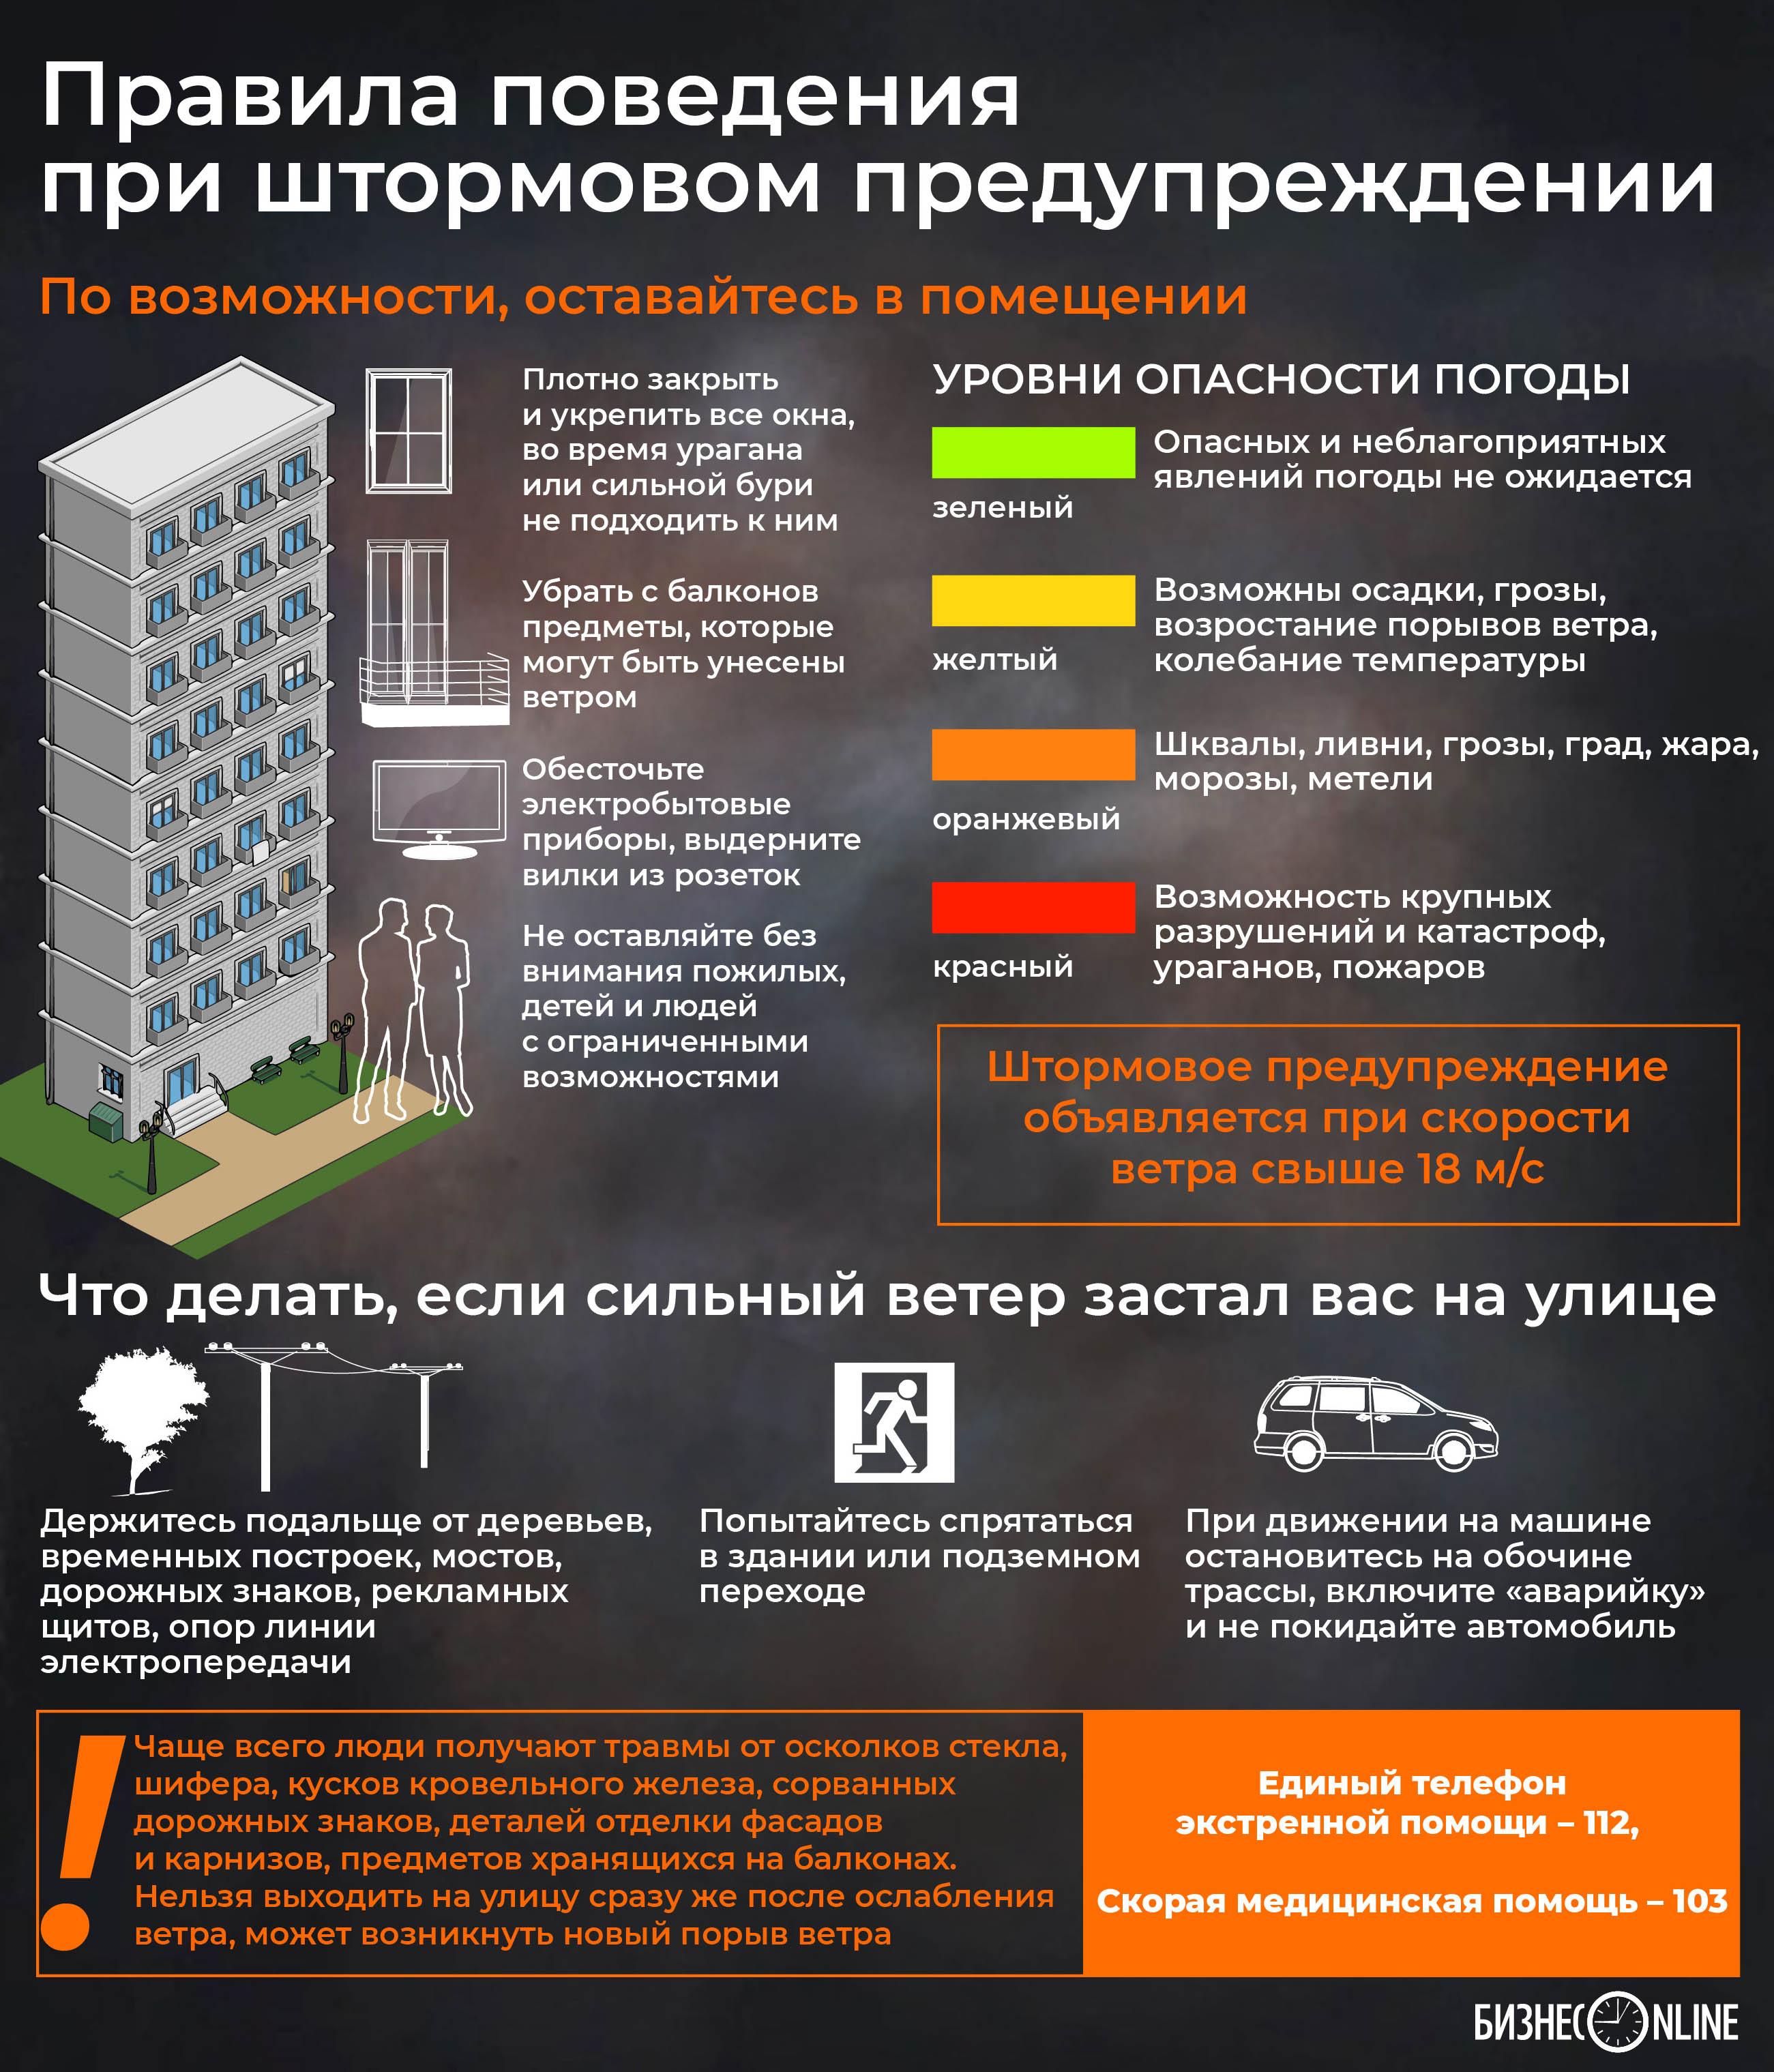 На Татарстан надвигаются грозы, ливни и град